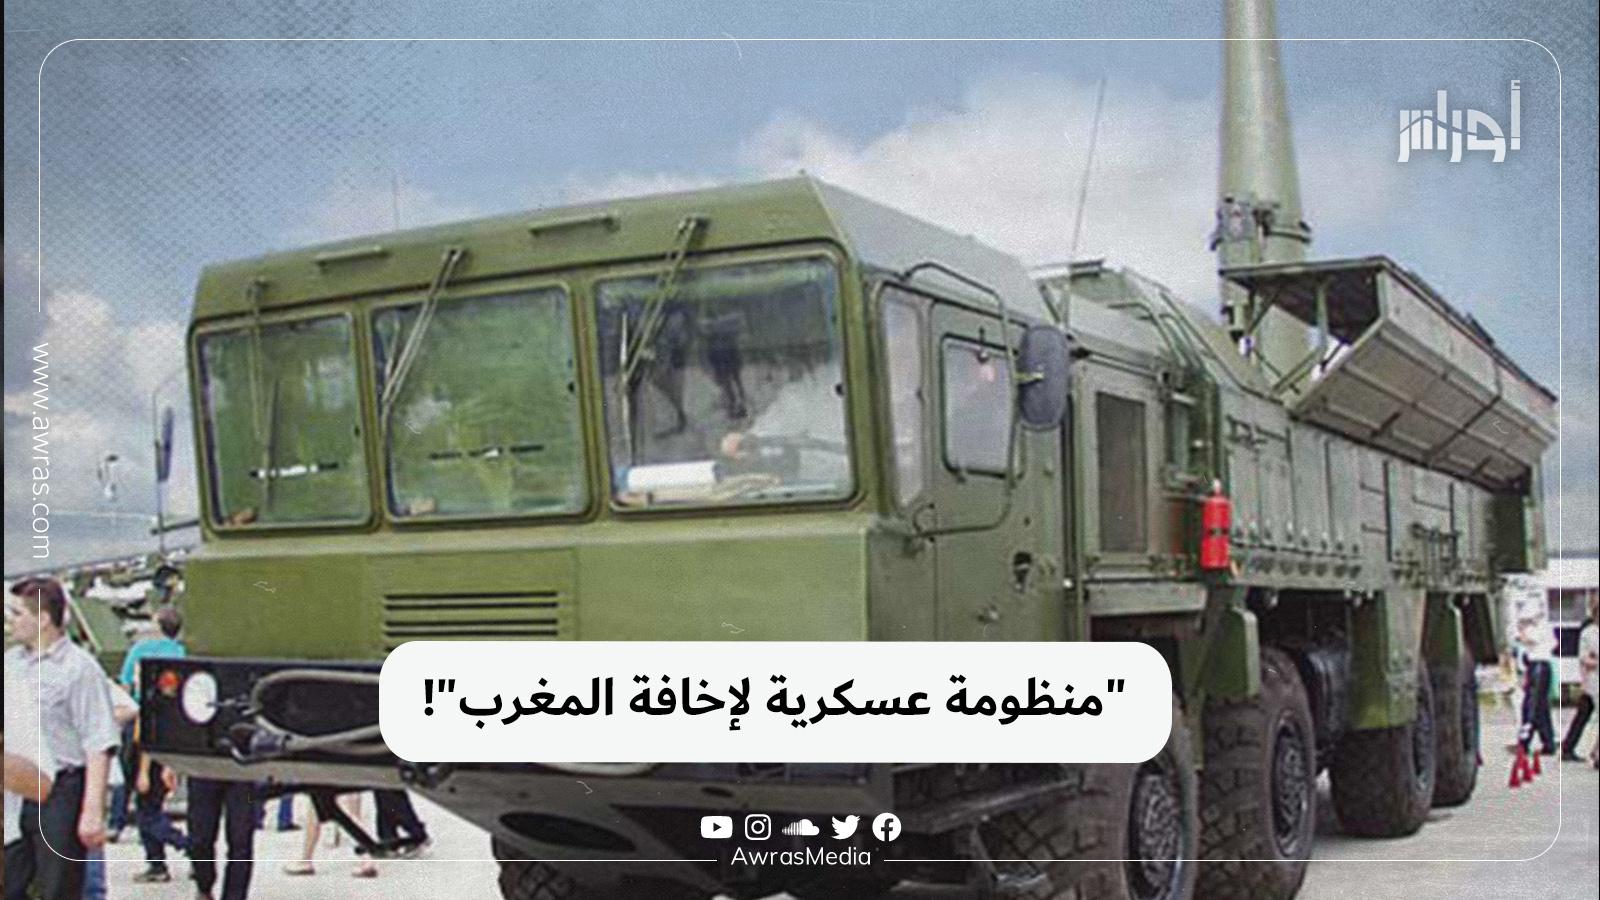 """""""منظومة عسكرية لإخافة المغرب""""!"""